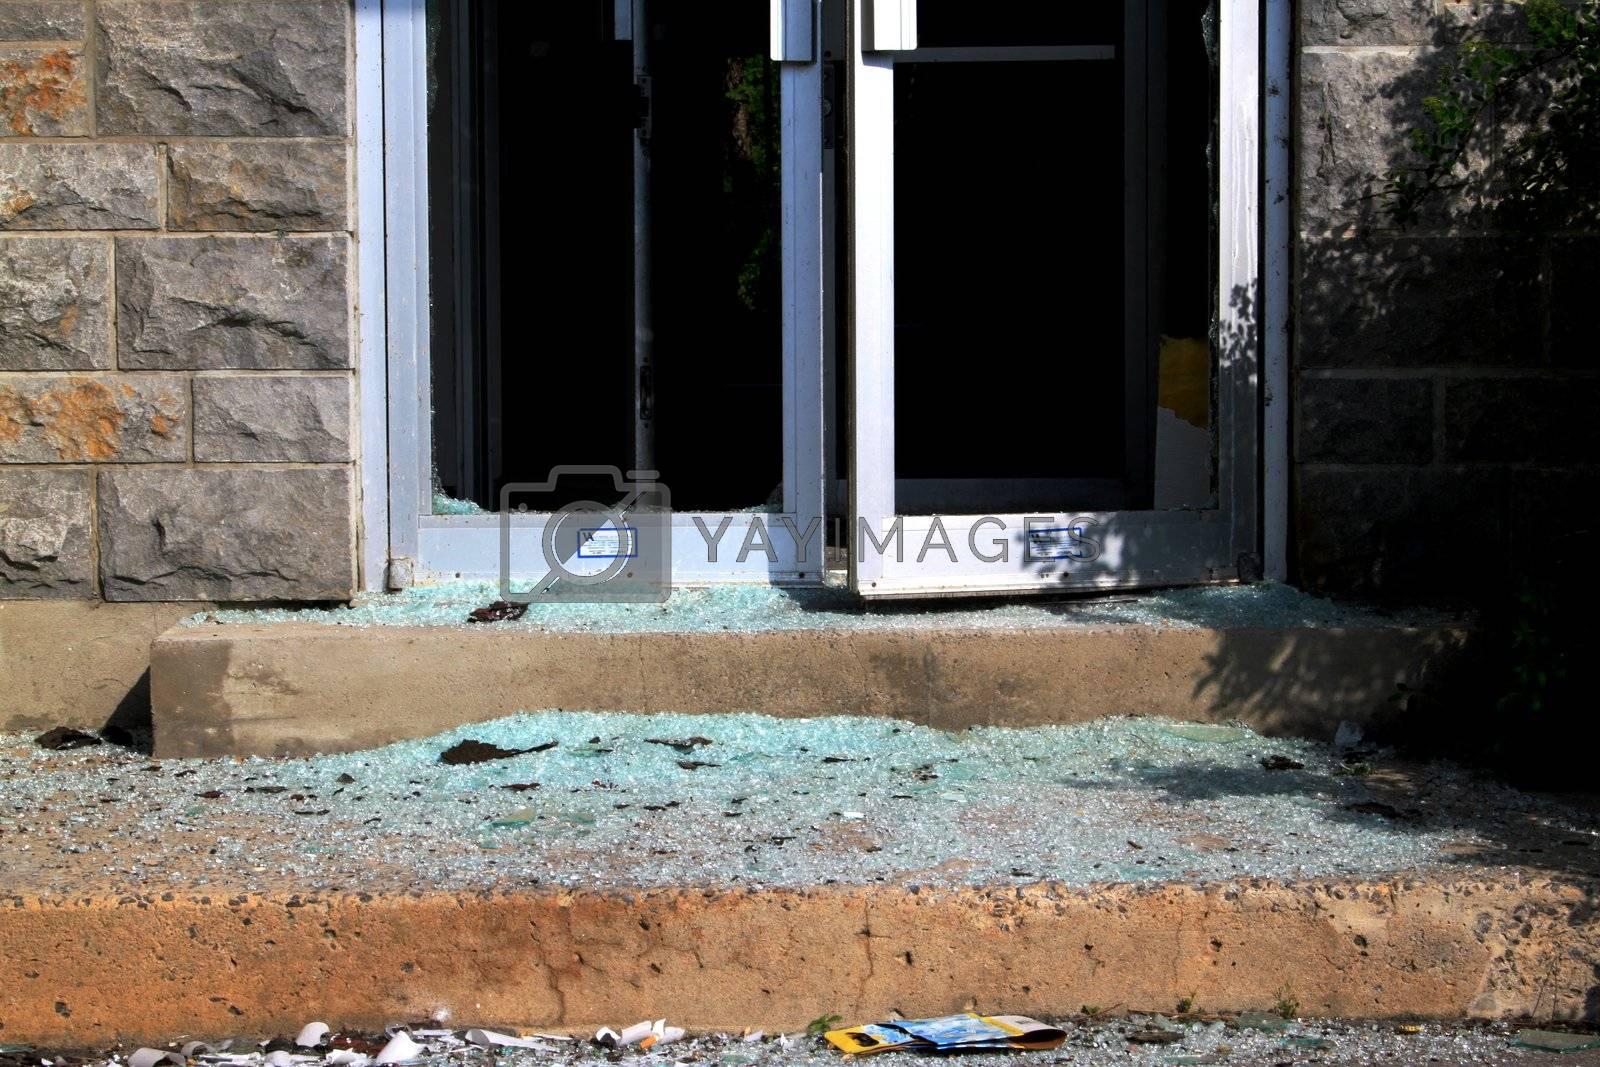 Broken glass doors by vandalism on historic building